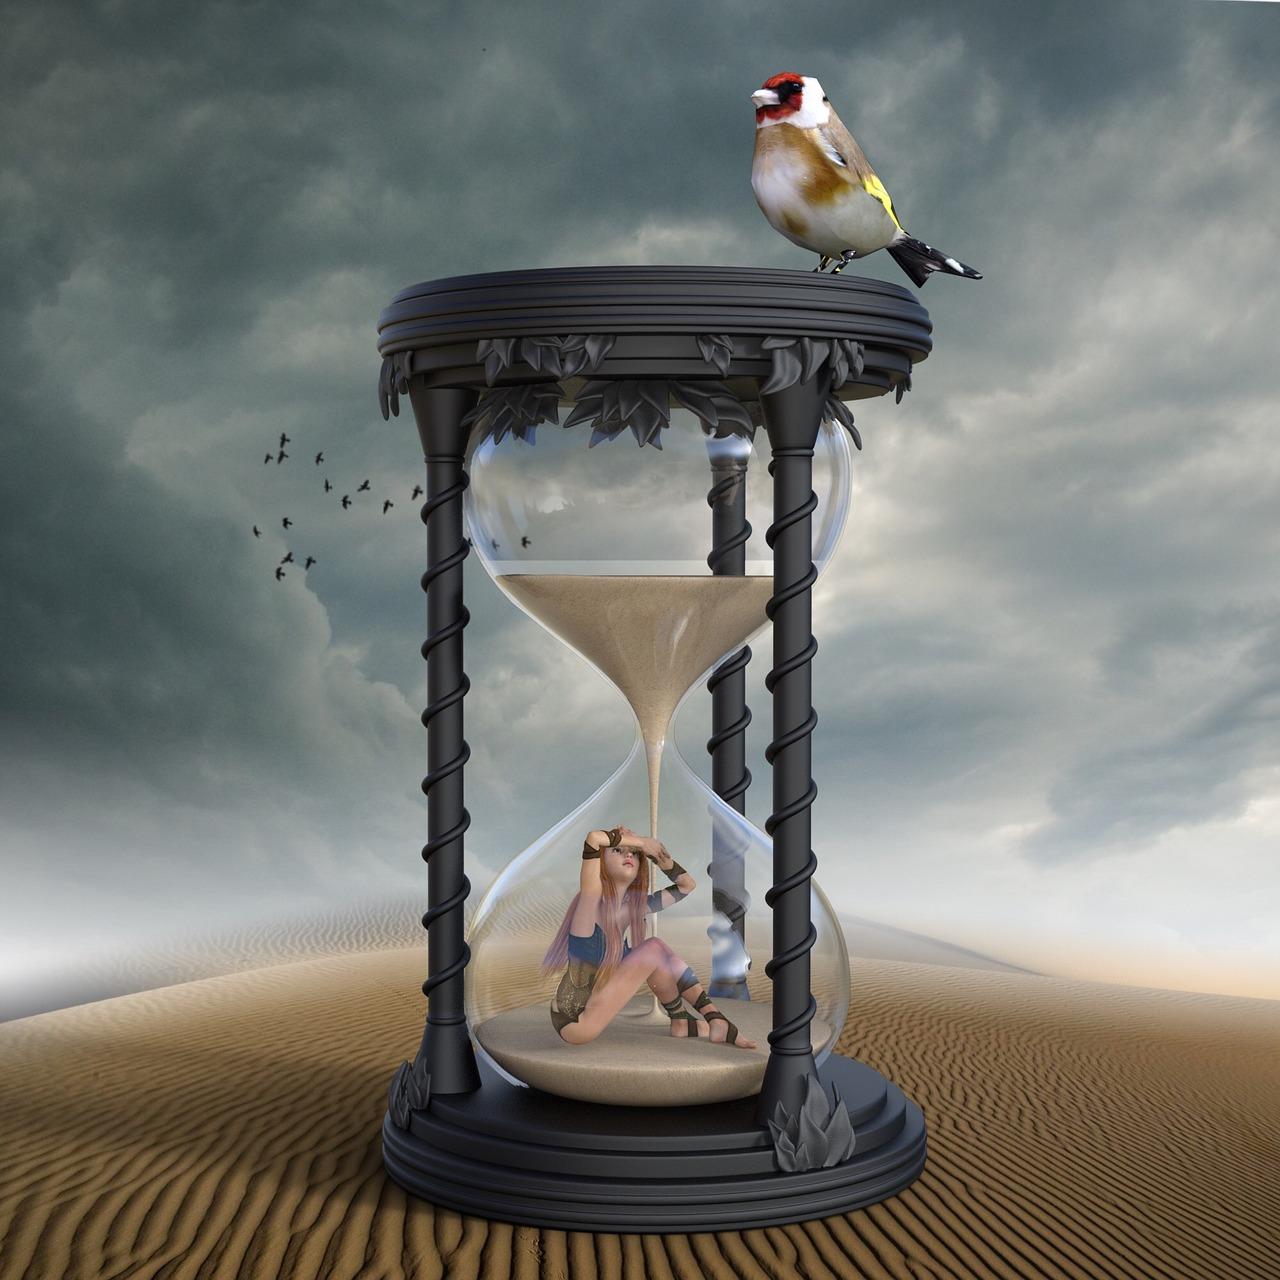 reloj de arena, tiempo, fugacidad